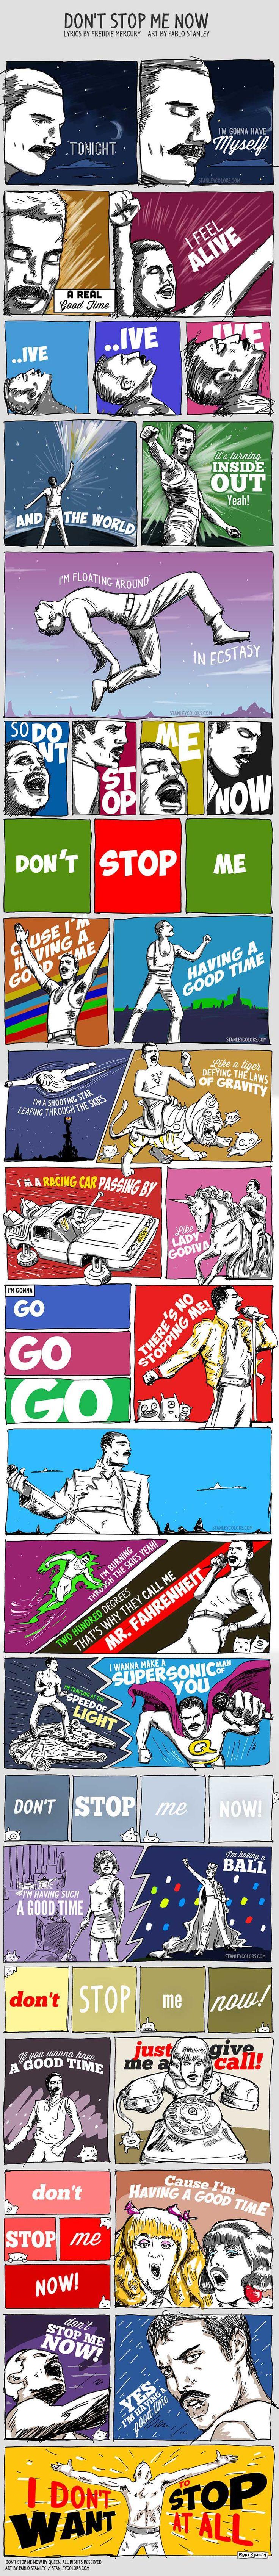 Don't Stop Me Now – Queen / Freddie Mercury #music #queen